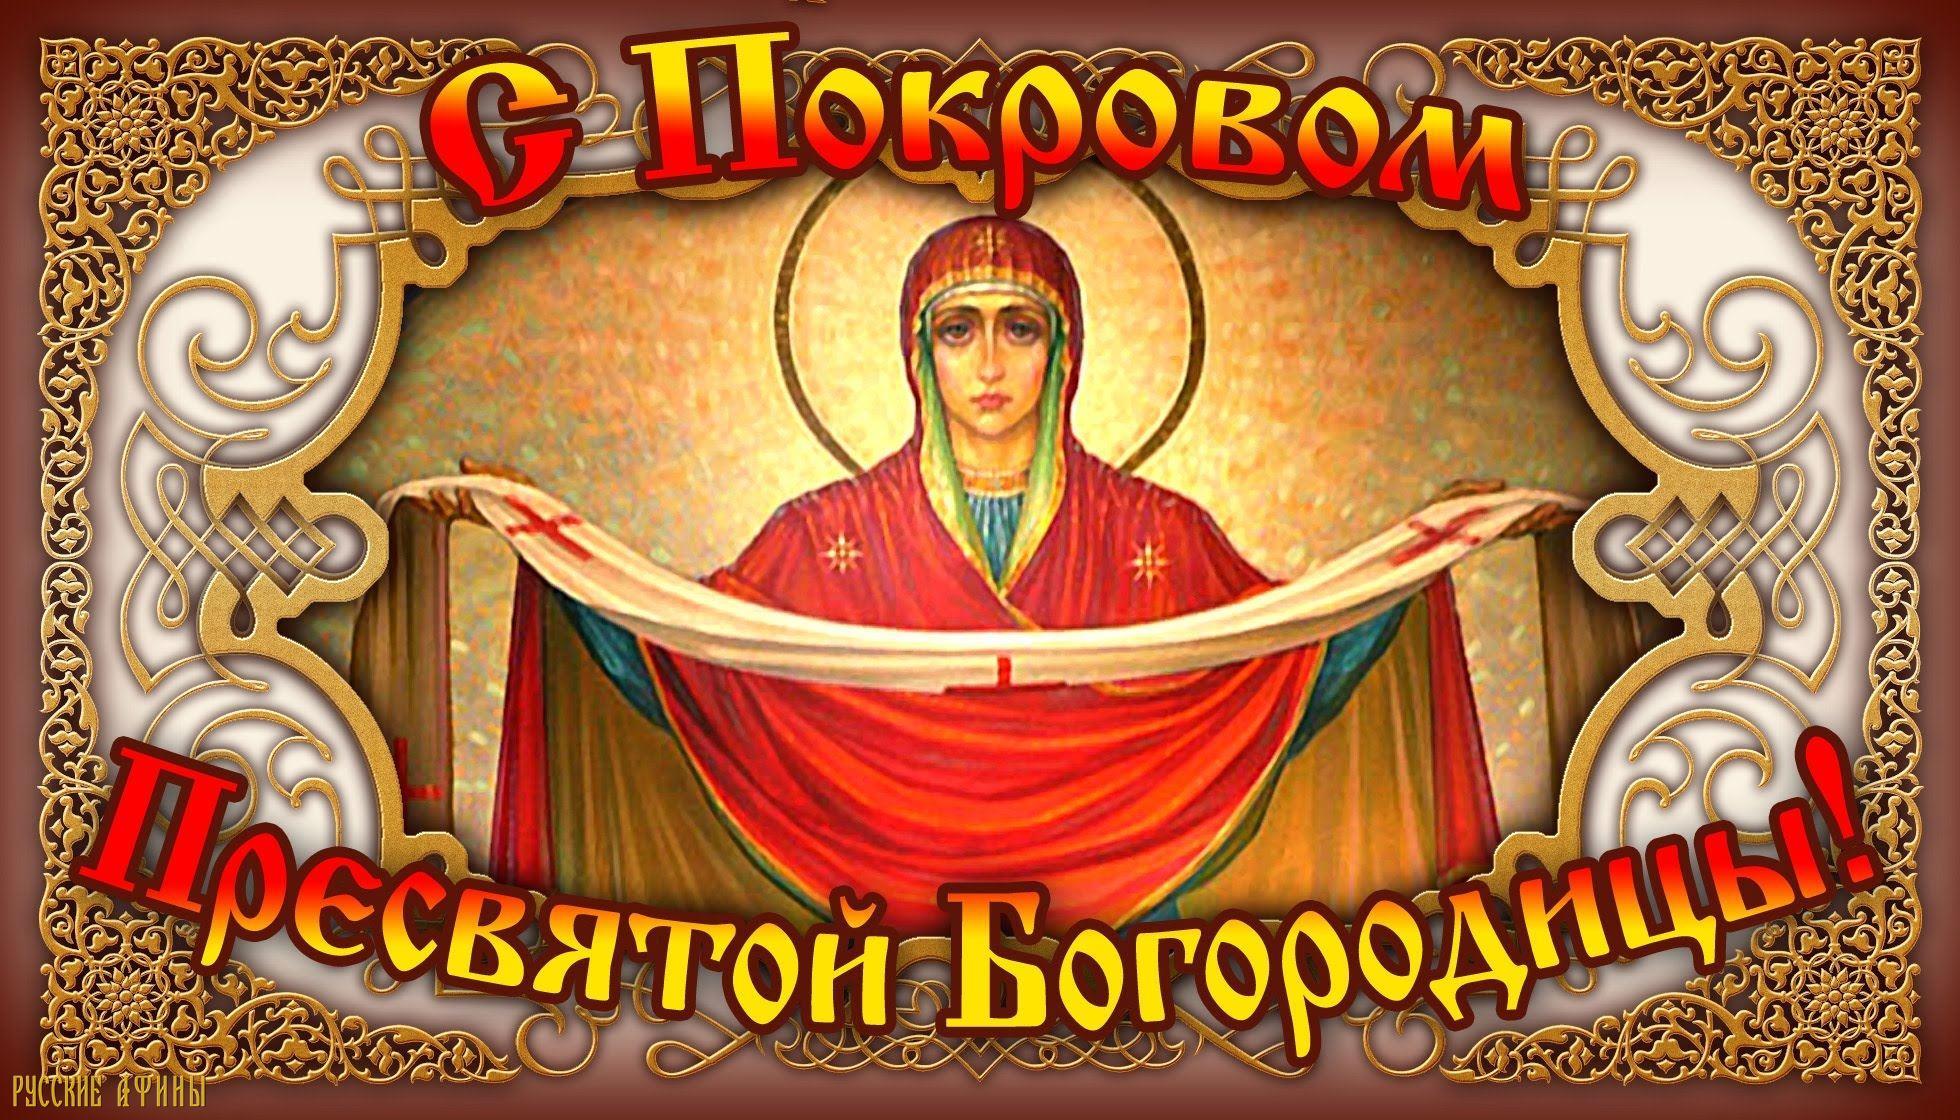 описание полезные открытки с праздником покров пресвятой богородицы сегодня будем оспаривать это